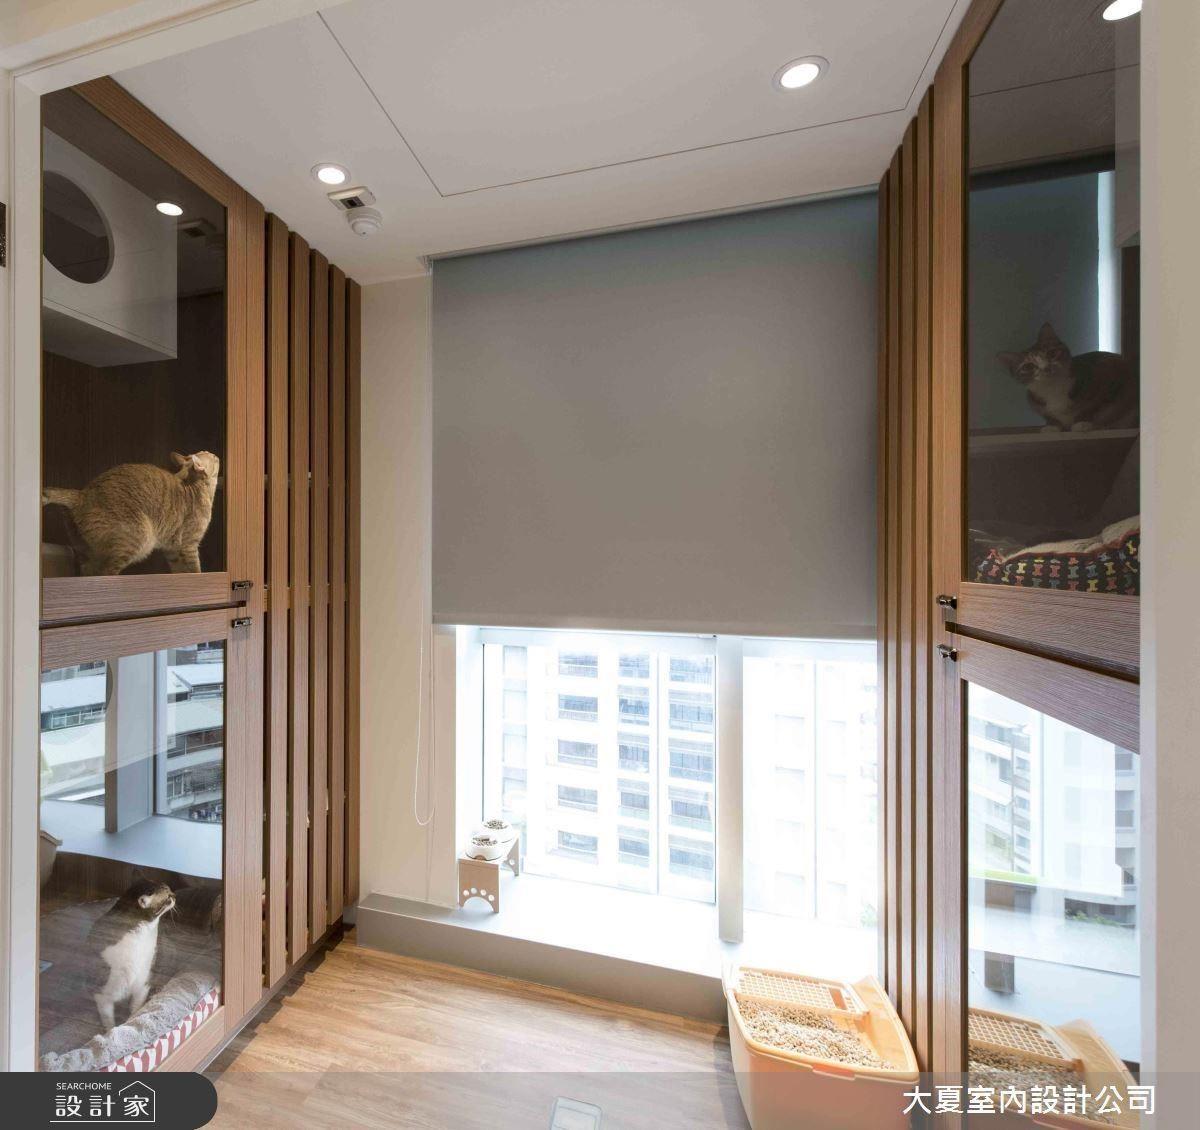 貼心的四間貓咪套房,讓貓咪有了歸屬感,而木格柵塑造空間穿透感。